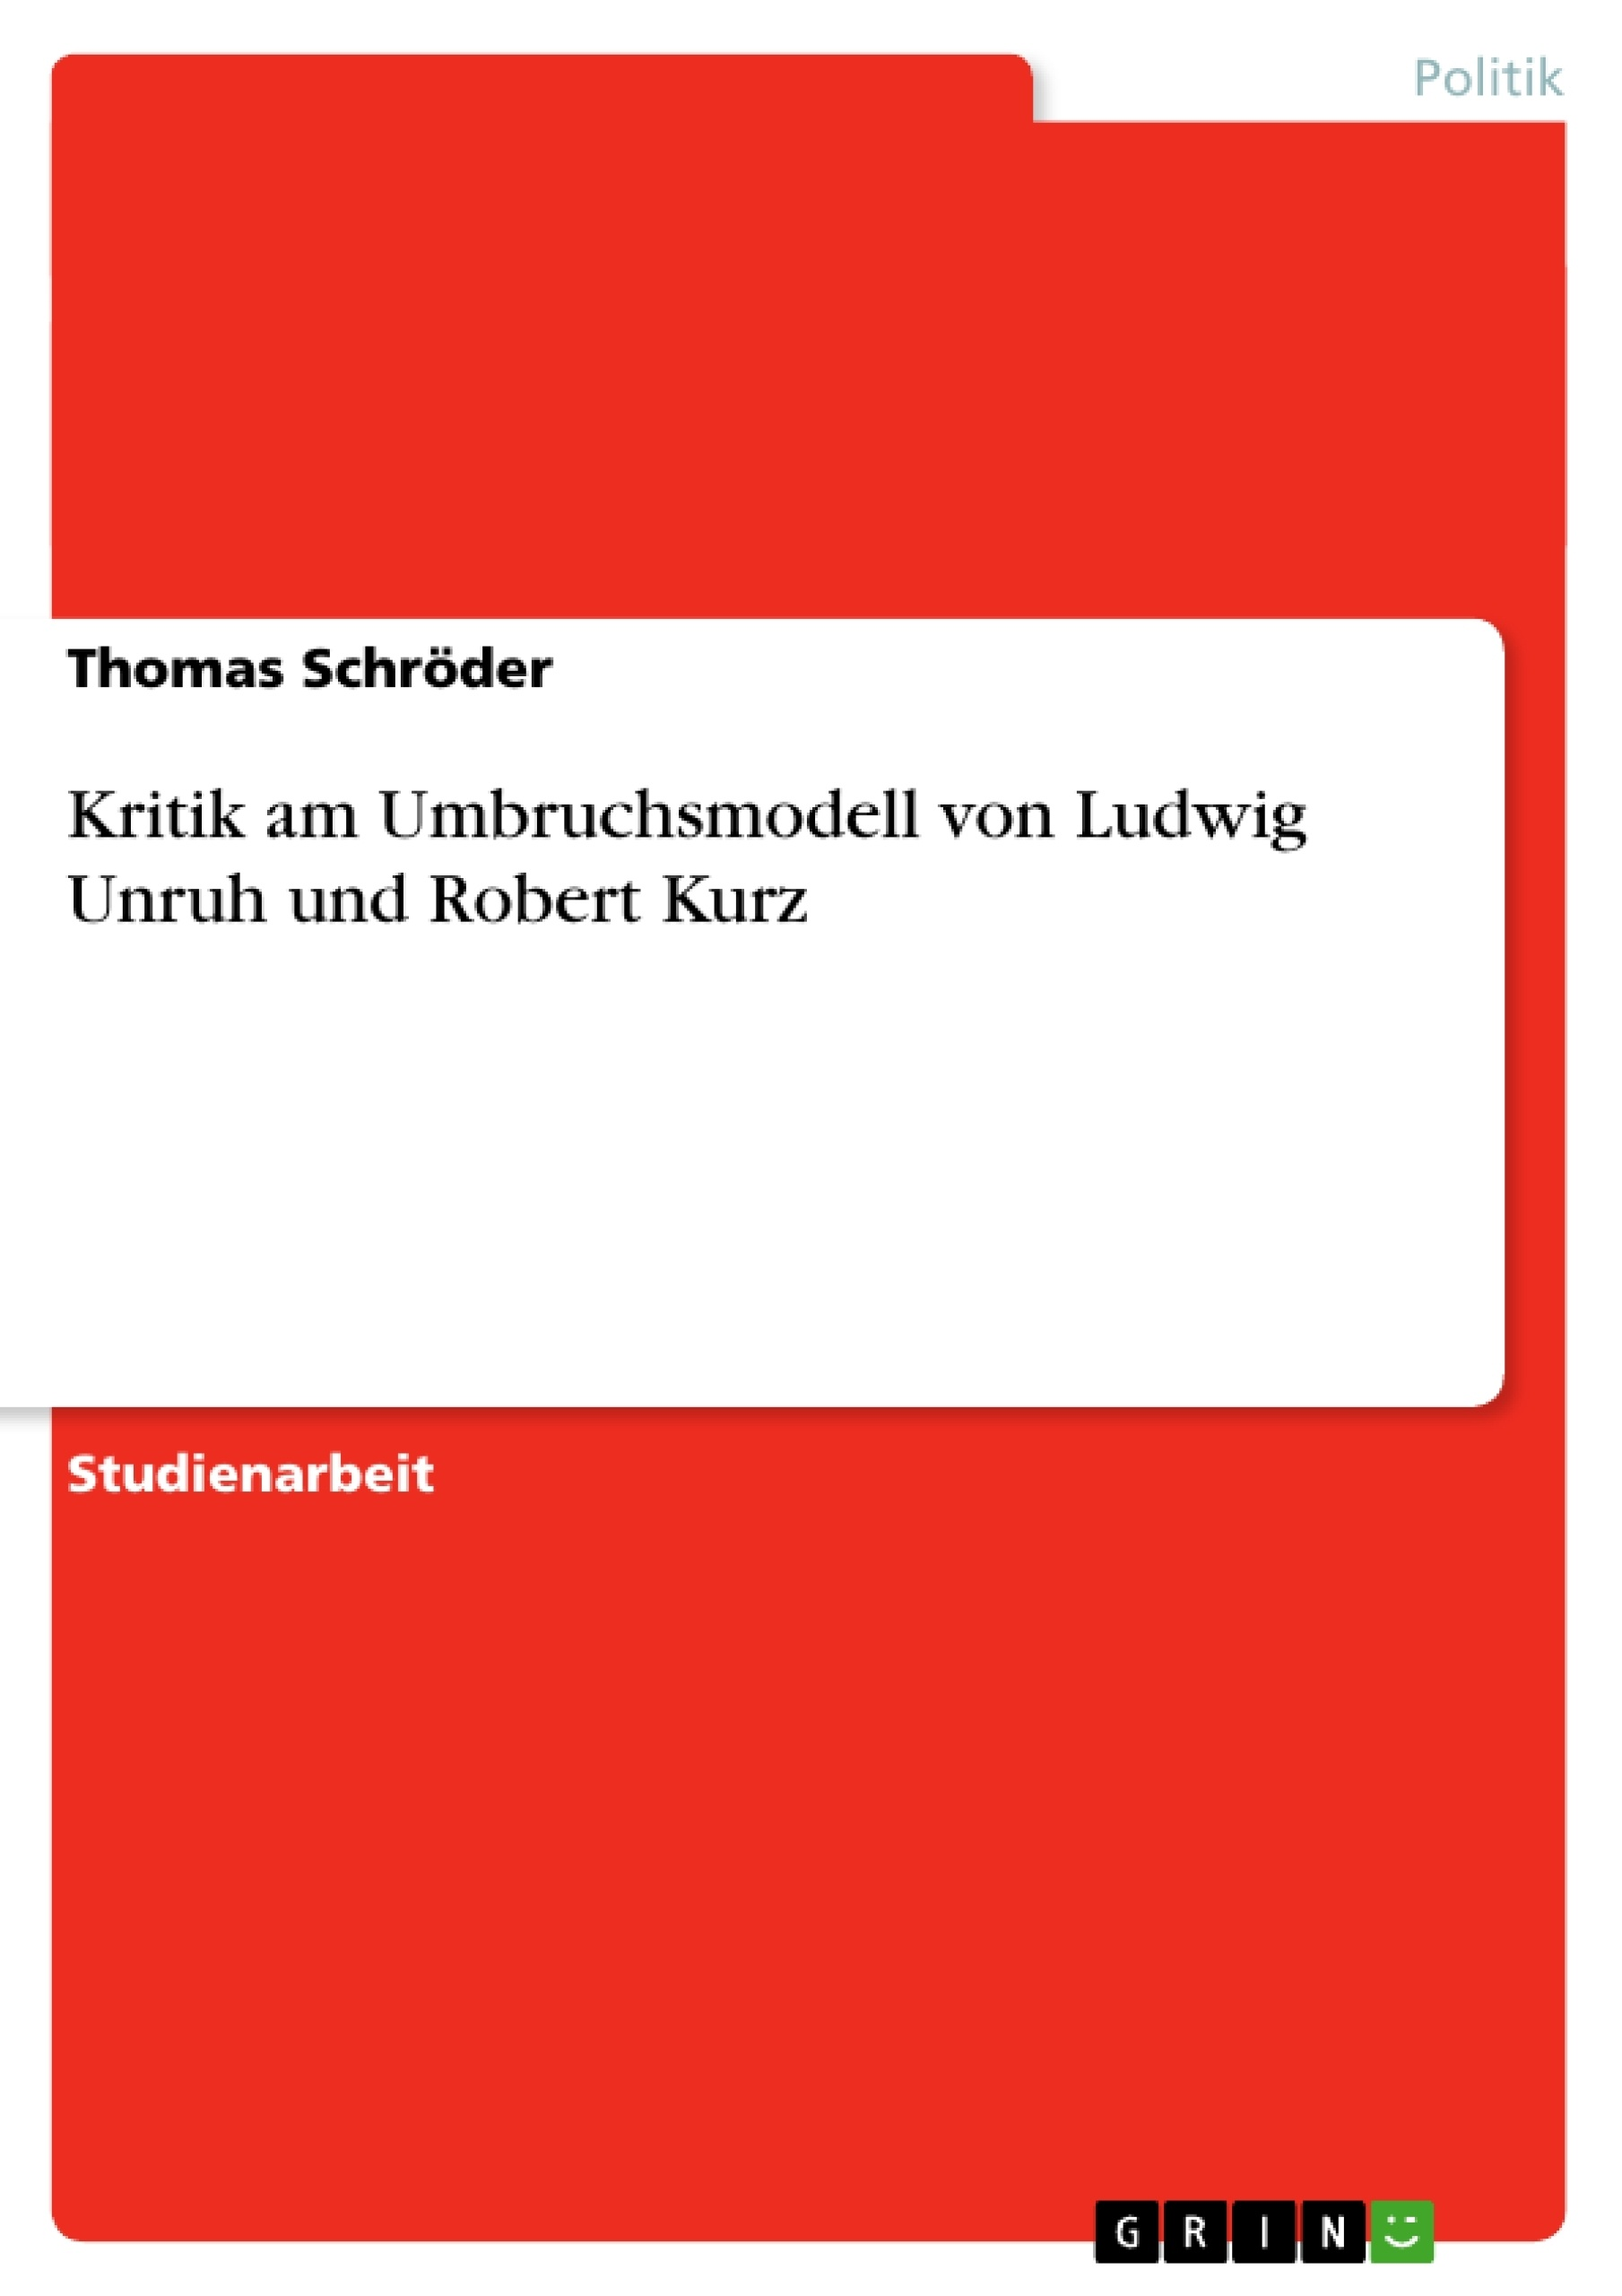 Titel: Kritik am Umbruchsmodell von Ludwig Unruh und Robert Kurz